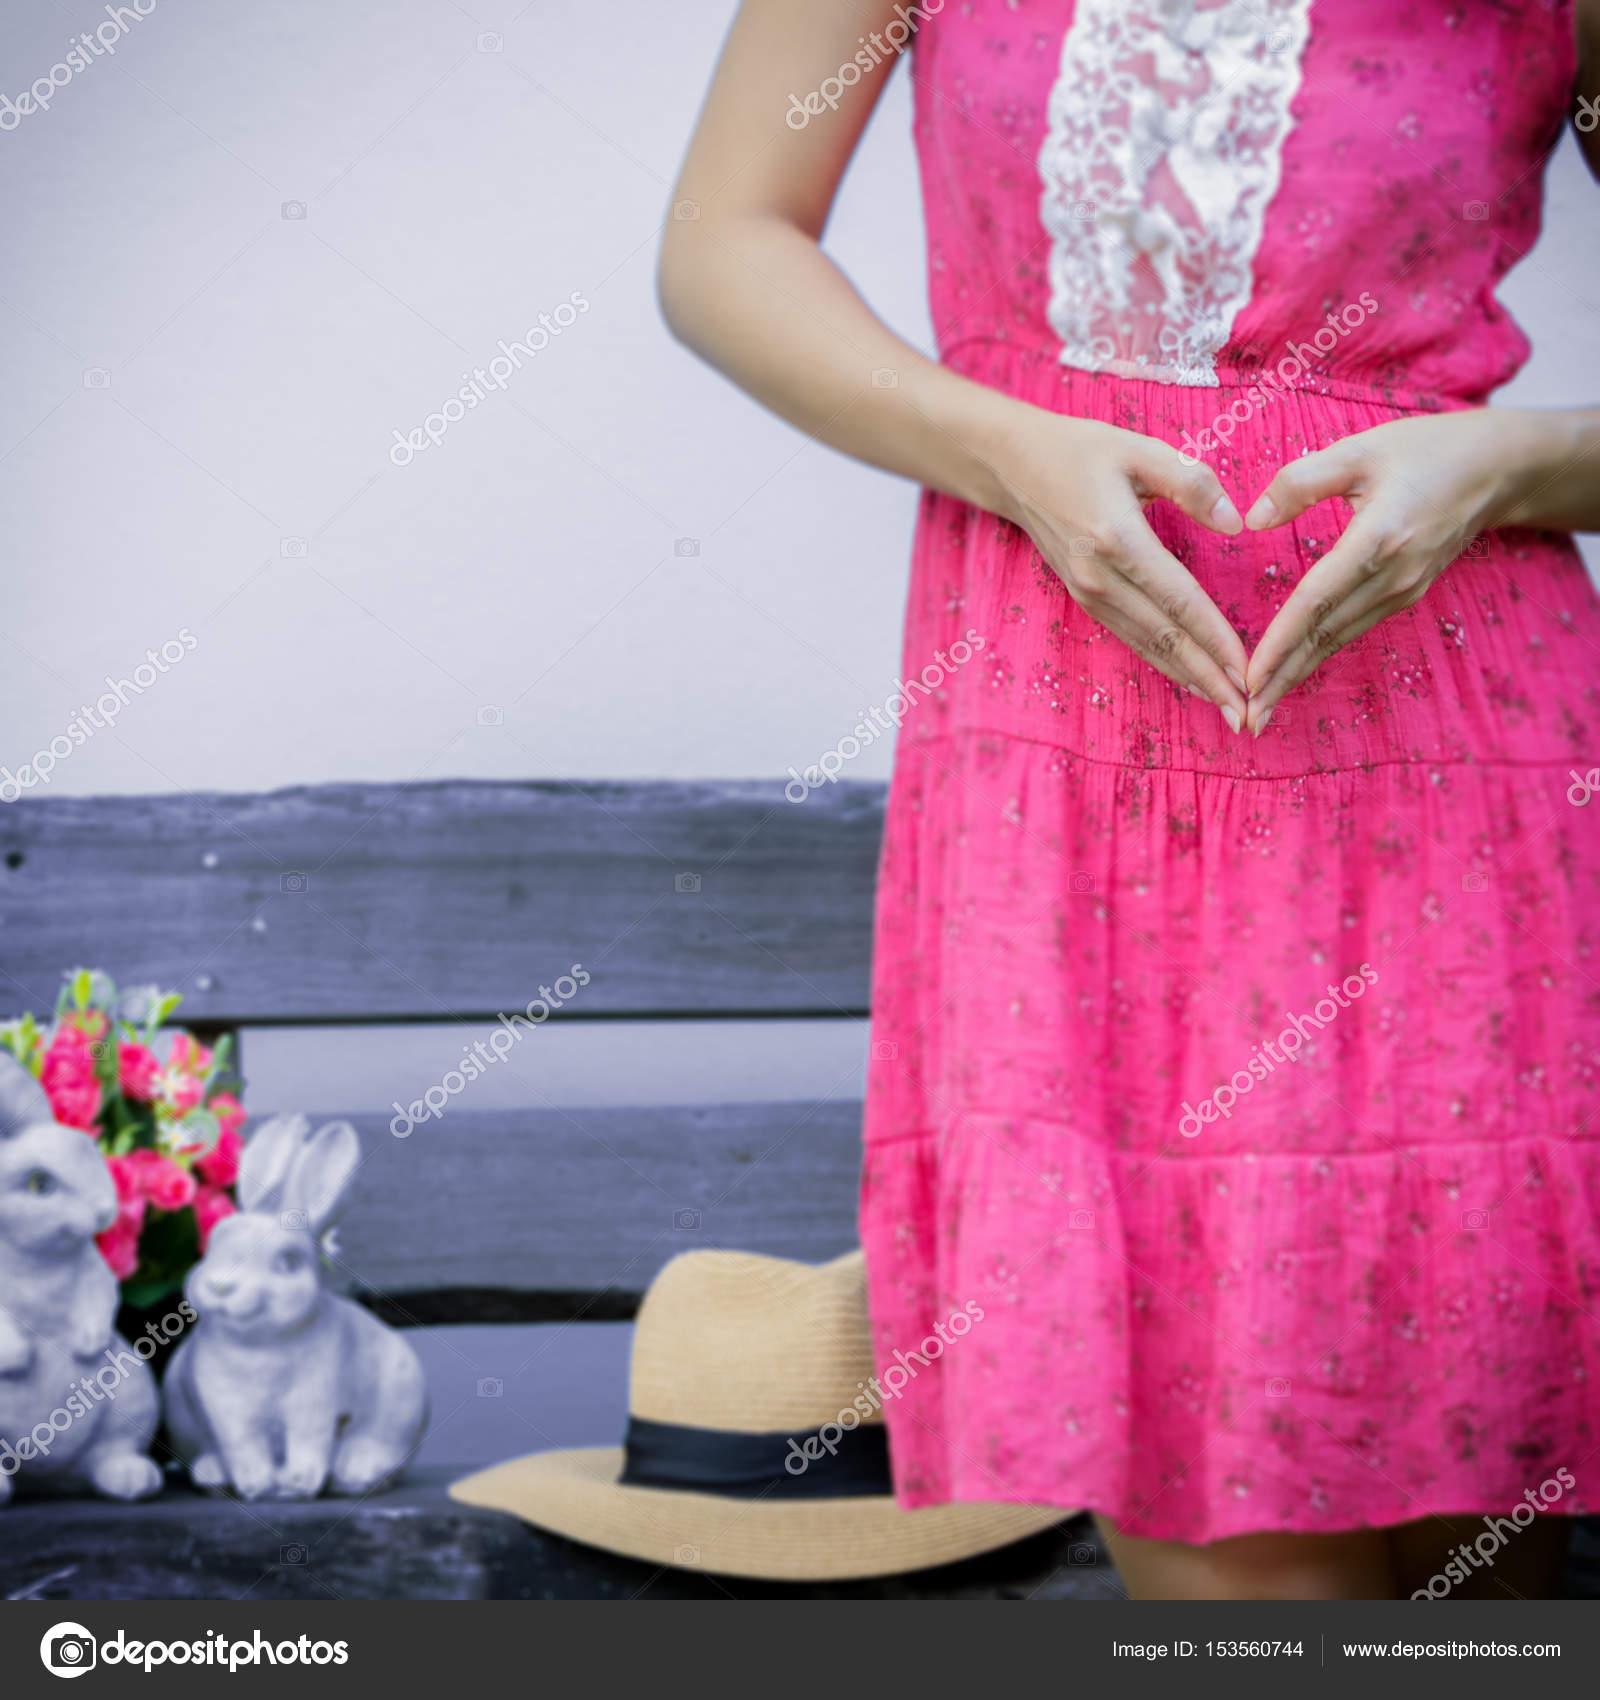 mujer embarazada en vestido rosa — Foto de stock © nirutdps #153560744